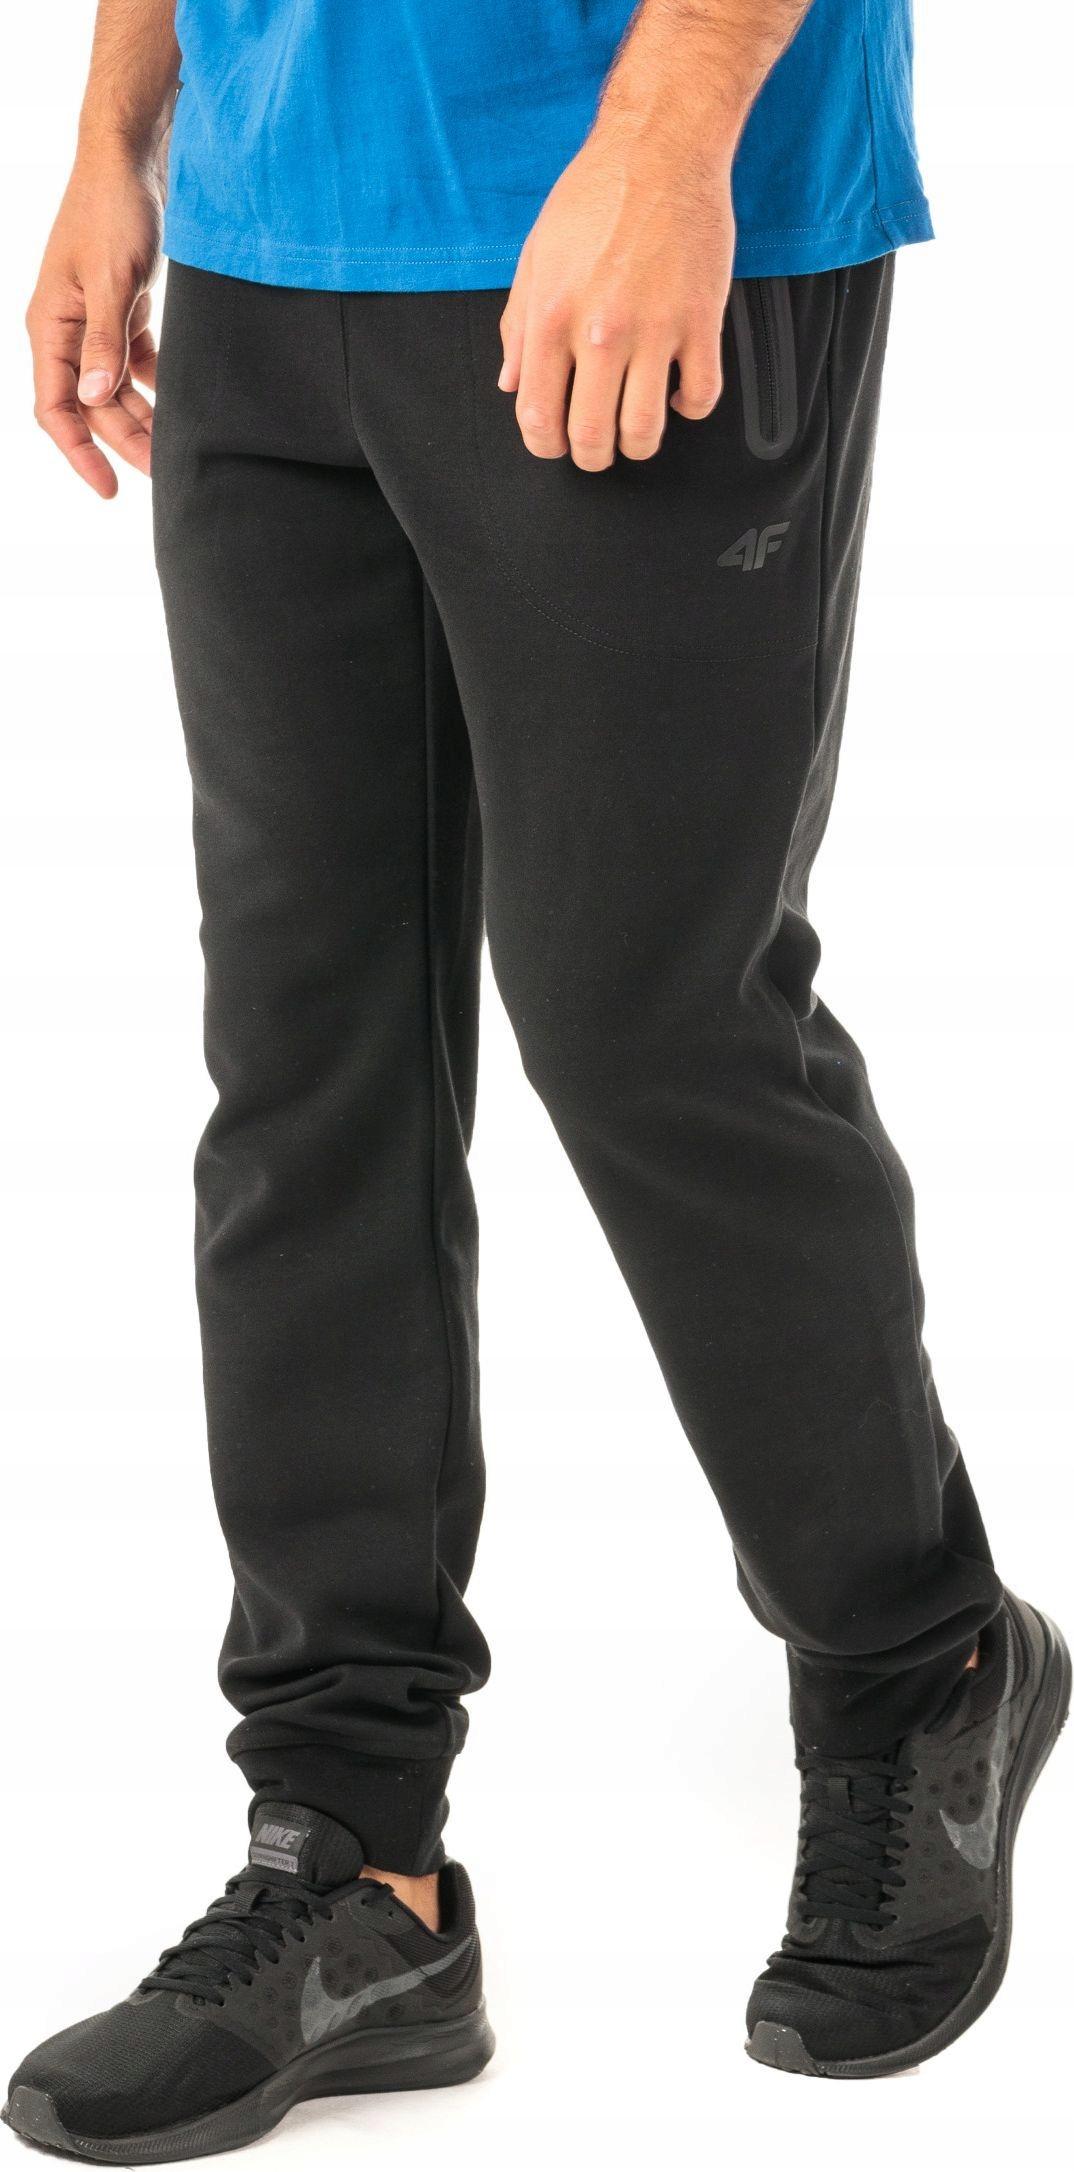 4F Spodnie męskie dresowe H4 SPMD006 r. XXL